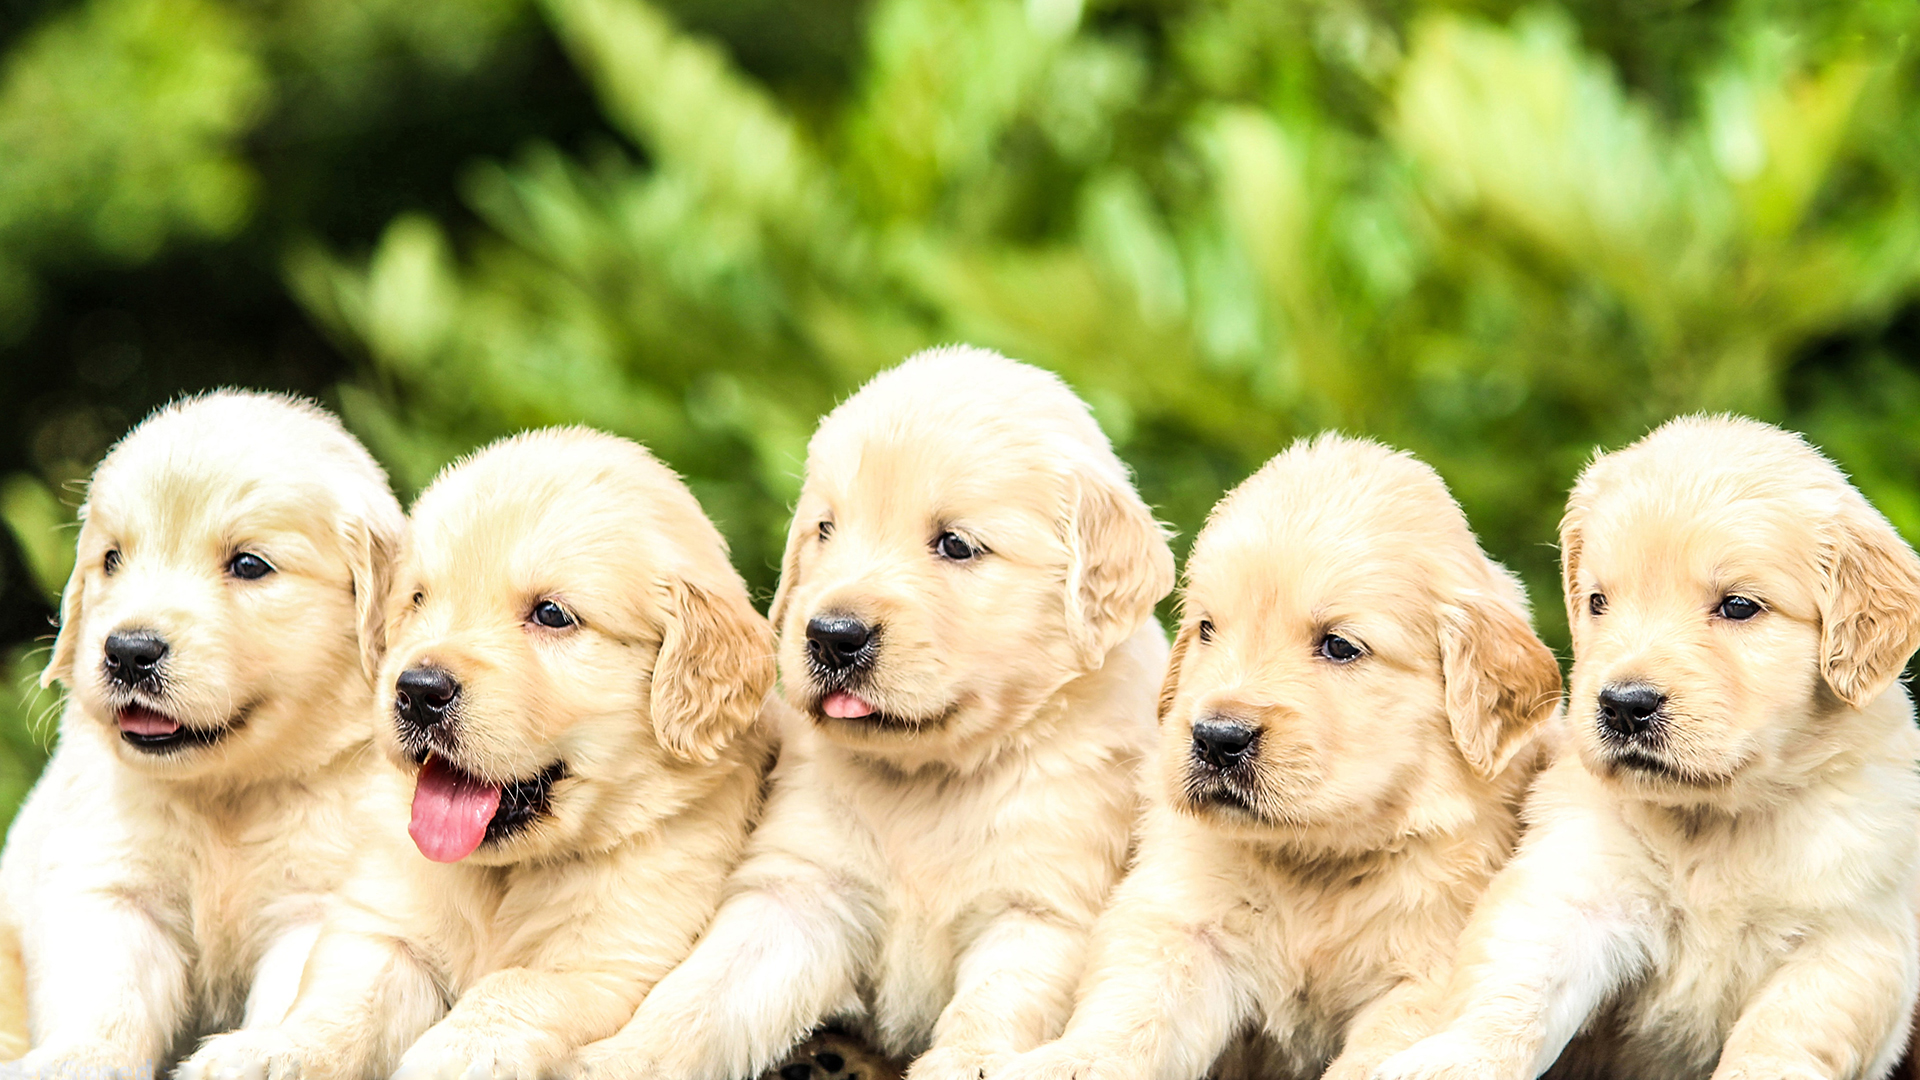 kutya, kölyökkutya, kiskutya